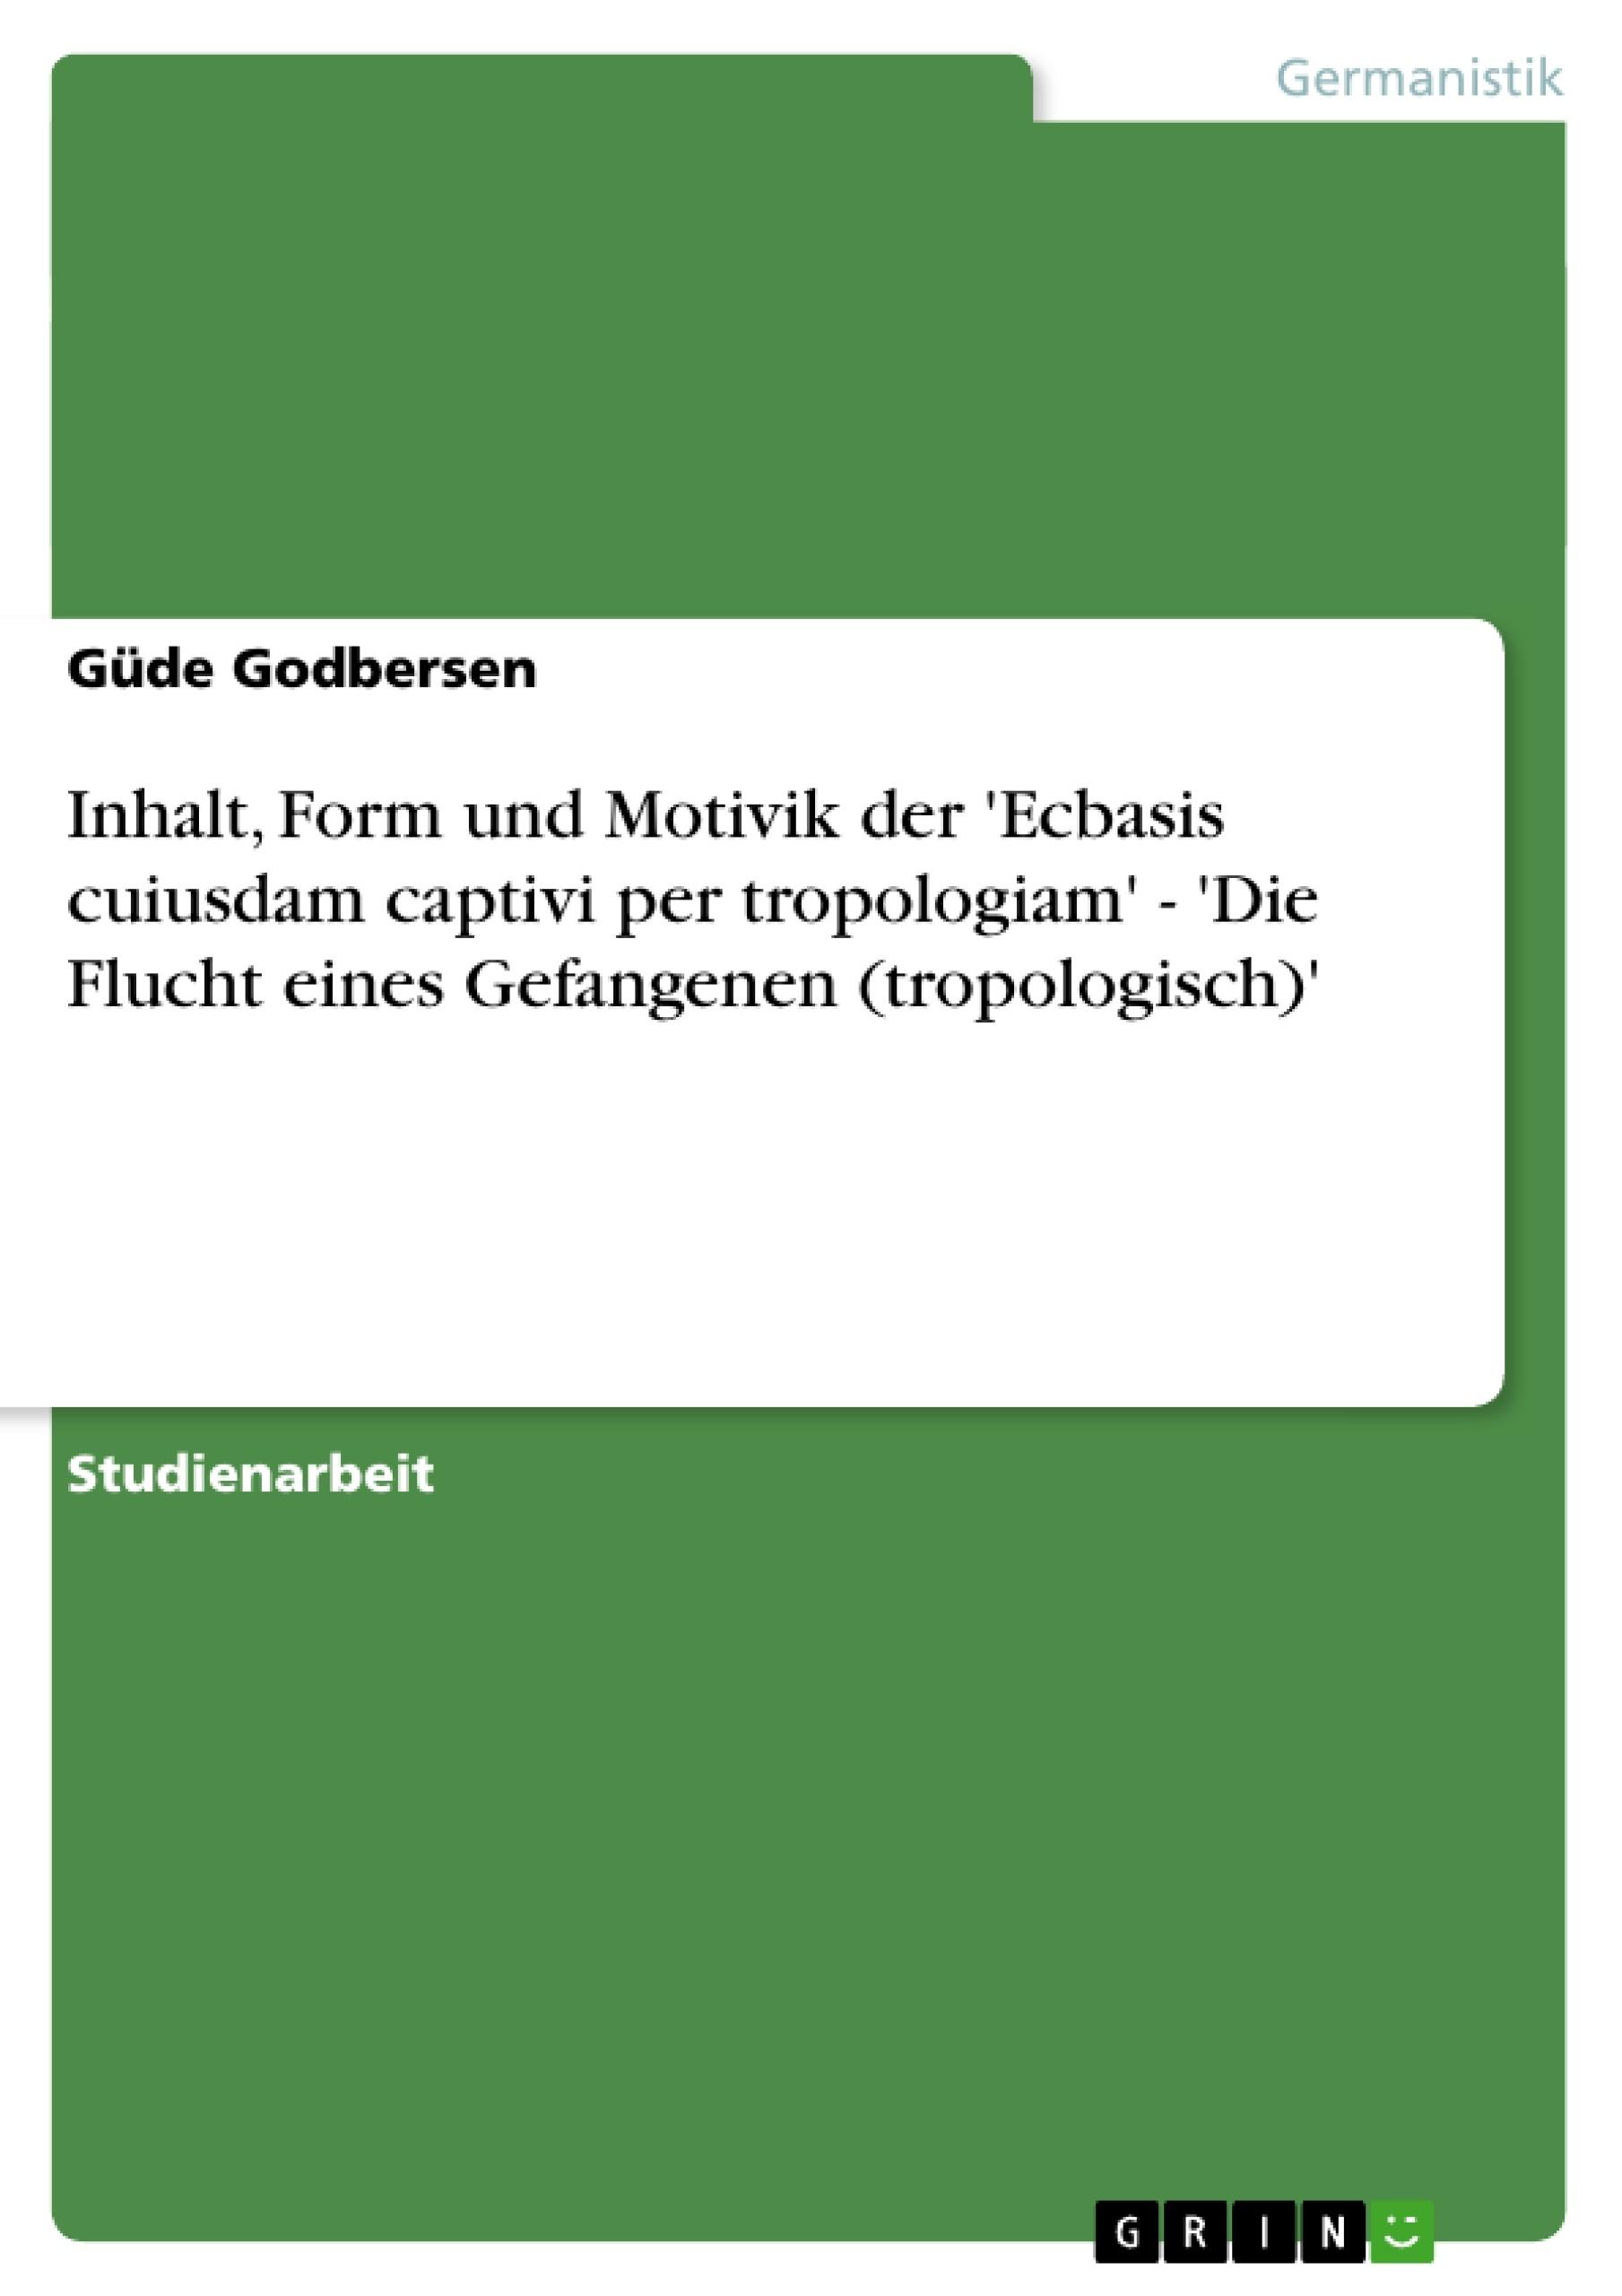 Titel: Inhalt, Form und Motivik der 'Ecbasis cuiusdam captivi per tropologiam' -  'Die Flucht eines Gefangenen (tropologisch)'